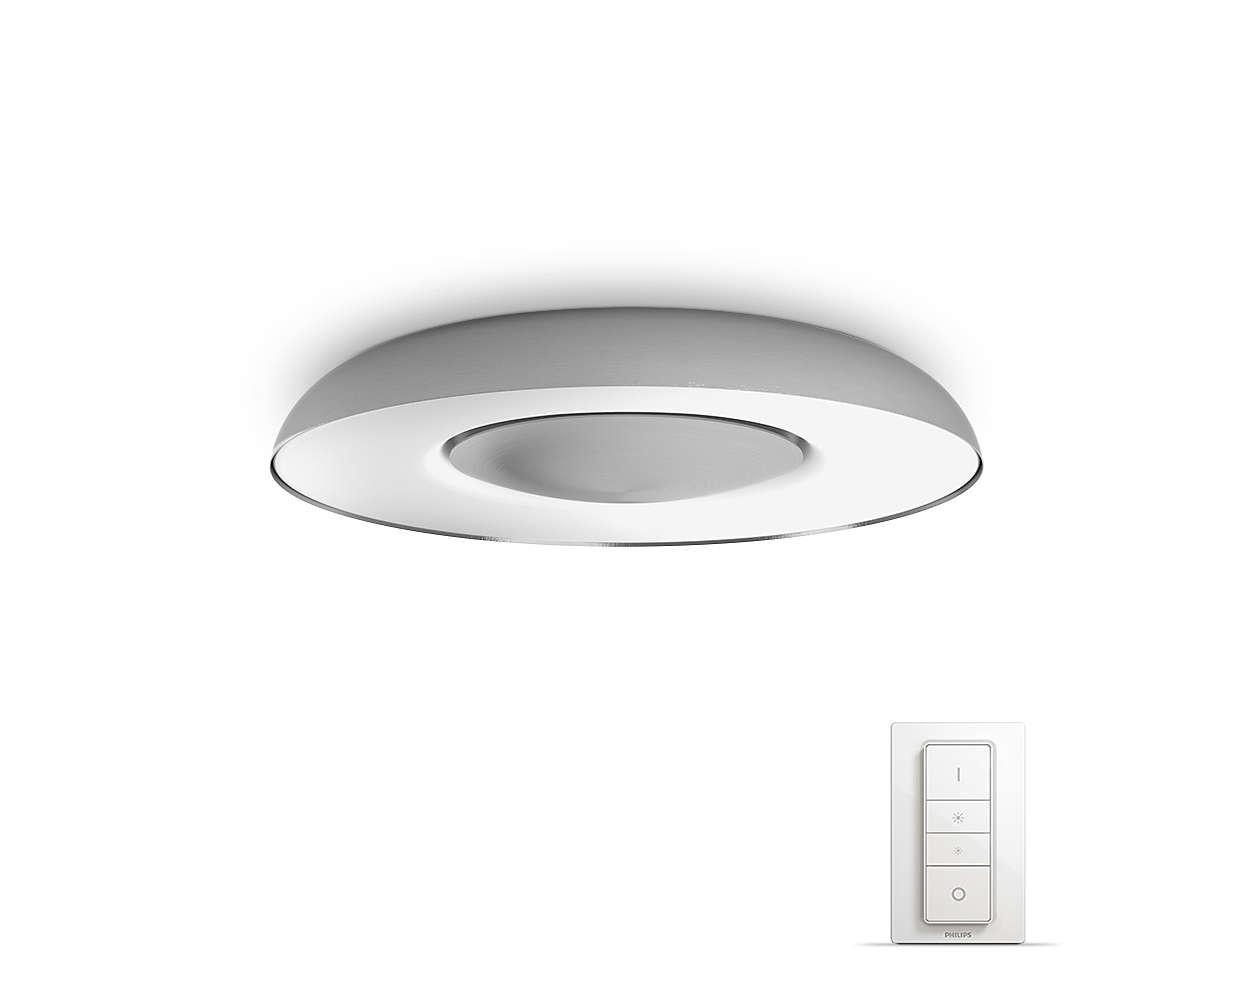 PHILIPS Still Stropní svítidlo, Hue White ambiance, 230V, 1x32W integ.LED, Aluminium